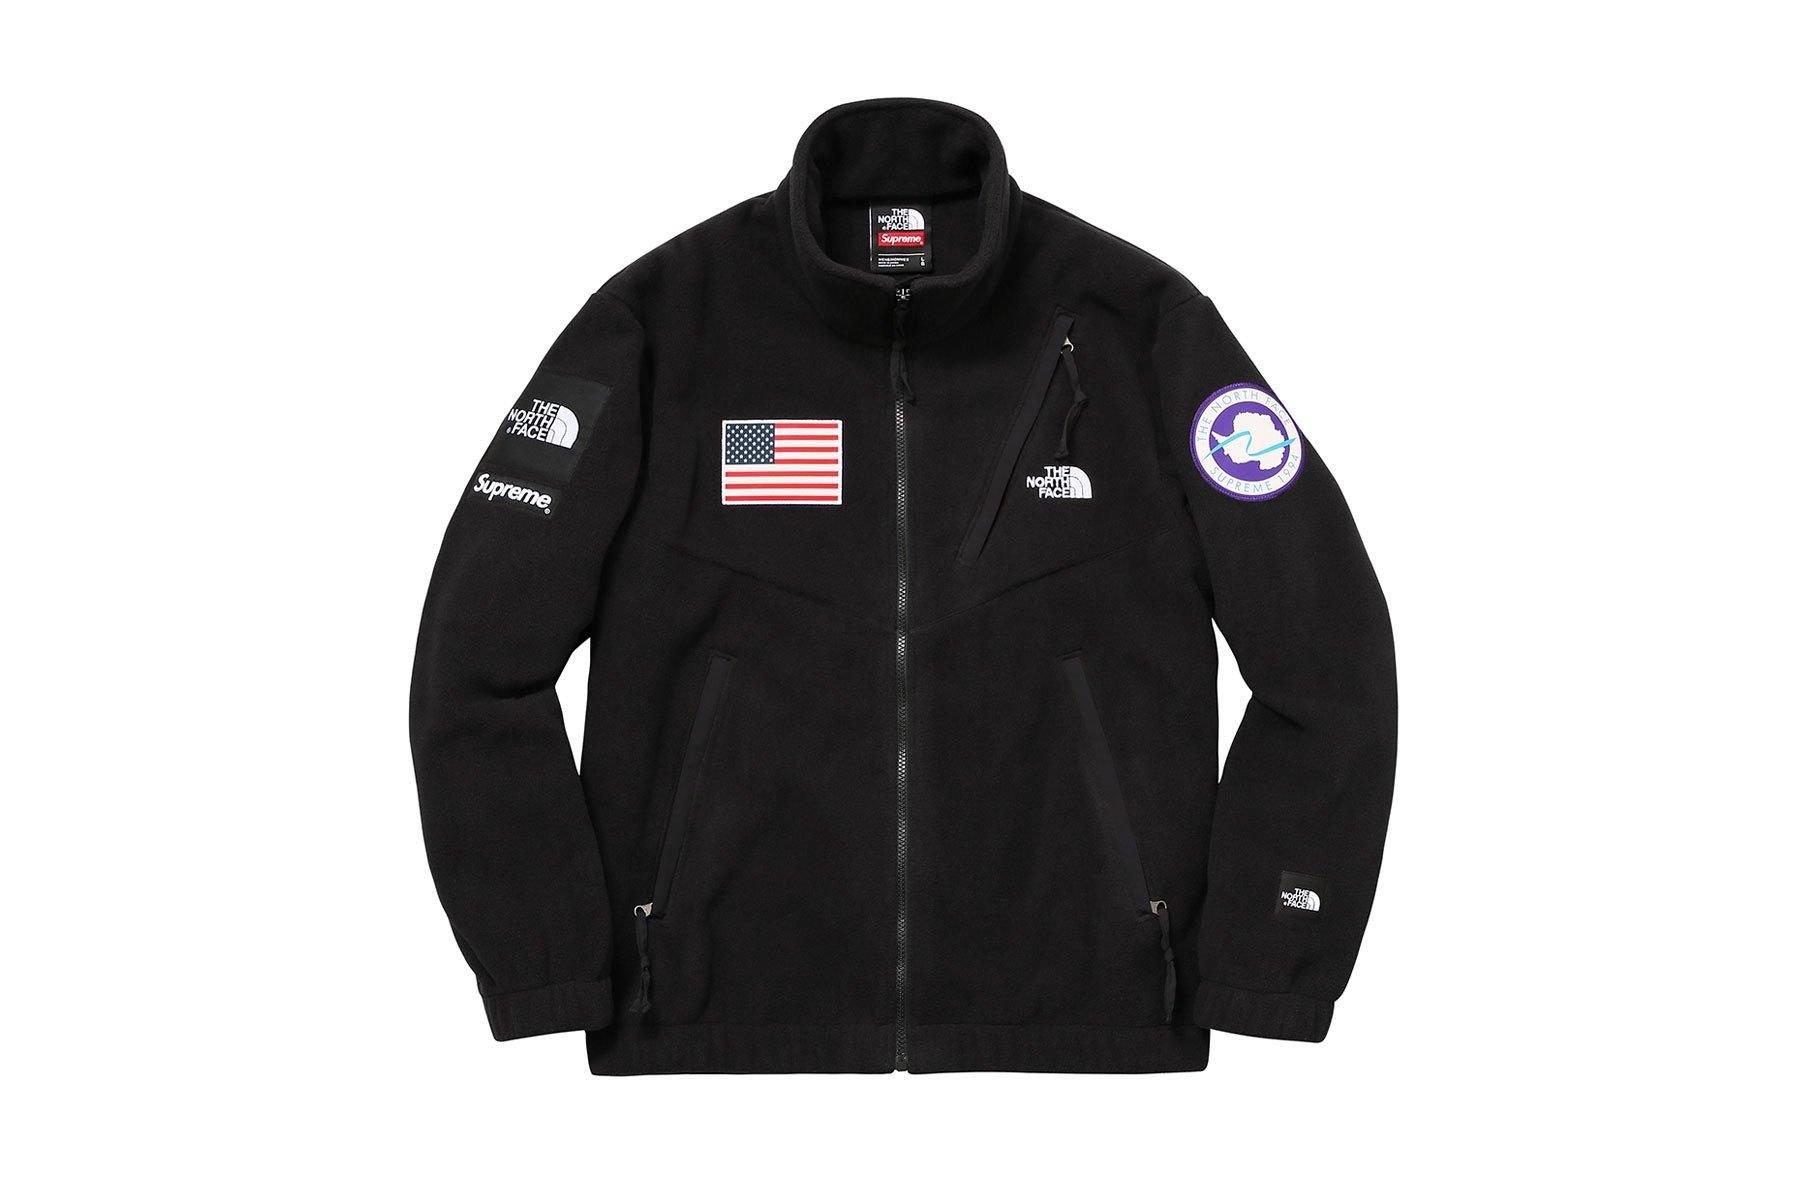 supreme-the-north-face-2017-spring-summer-black-polartec-fleece-jacket-27